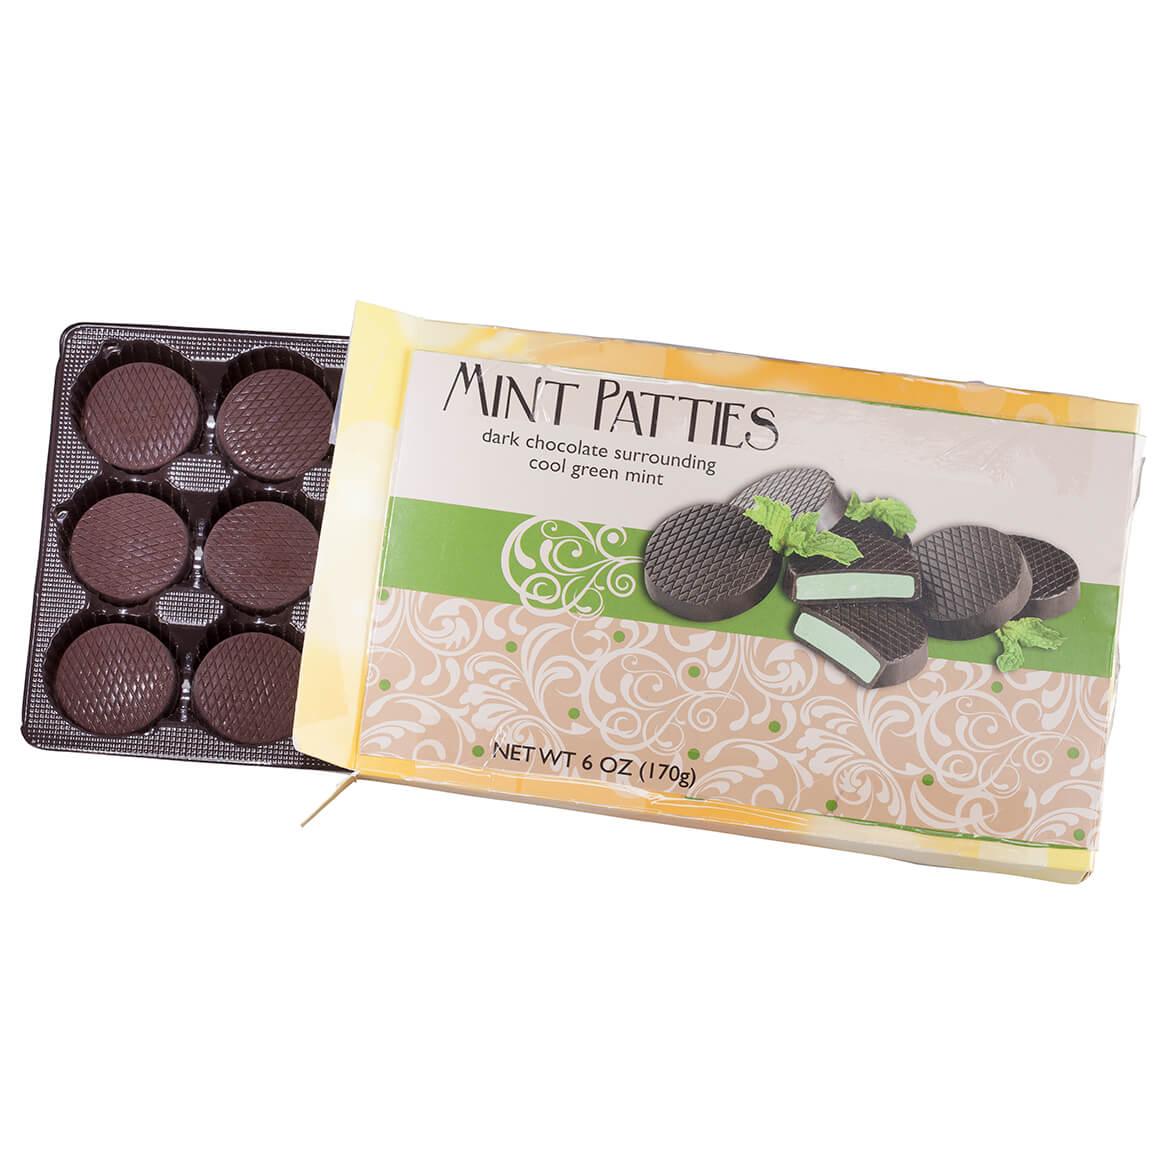 Dark Chocolate Mint Patties, 6 oz.-365740